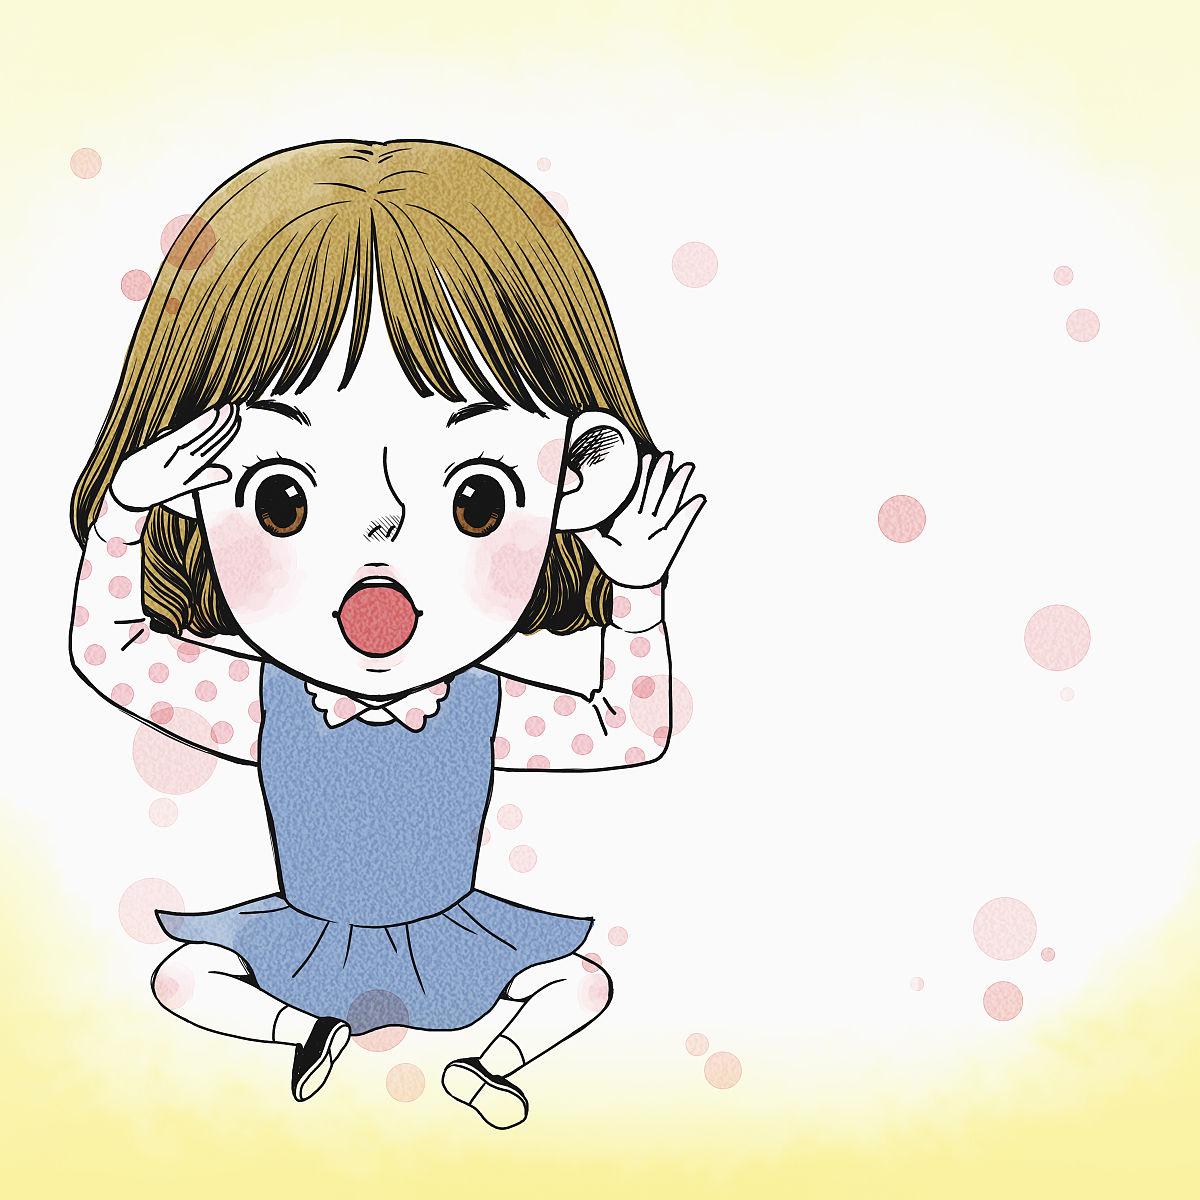 听���!�`iyn��+��n���'���_一个女孩在听谣言